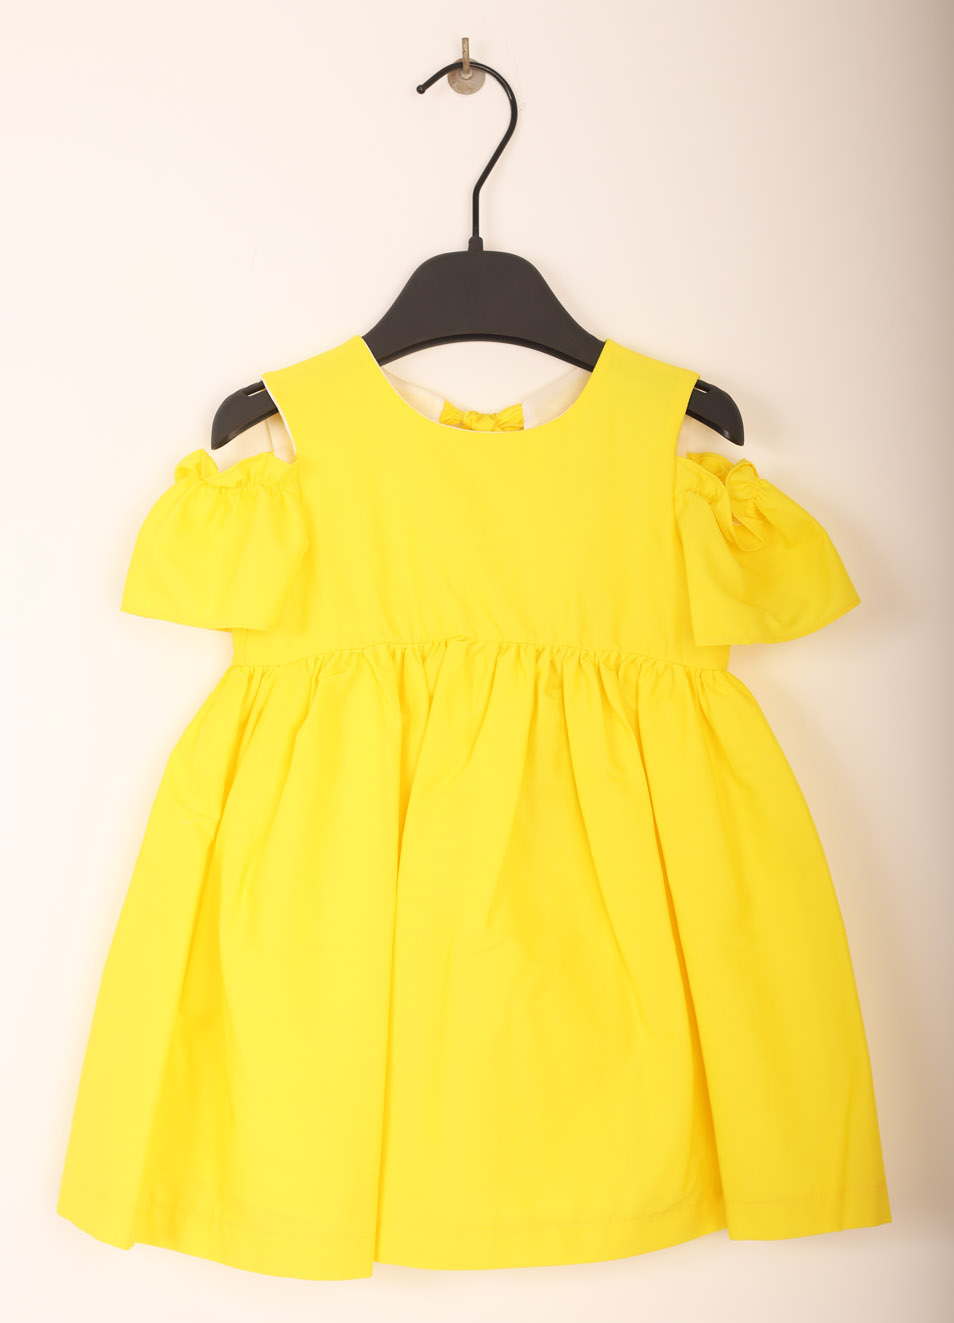 Yellow elegant dress for new born & baby girl - Jo Milano - Manecapri